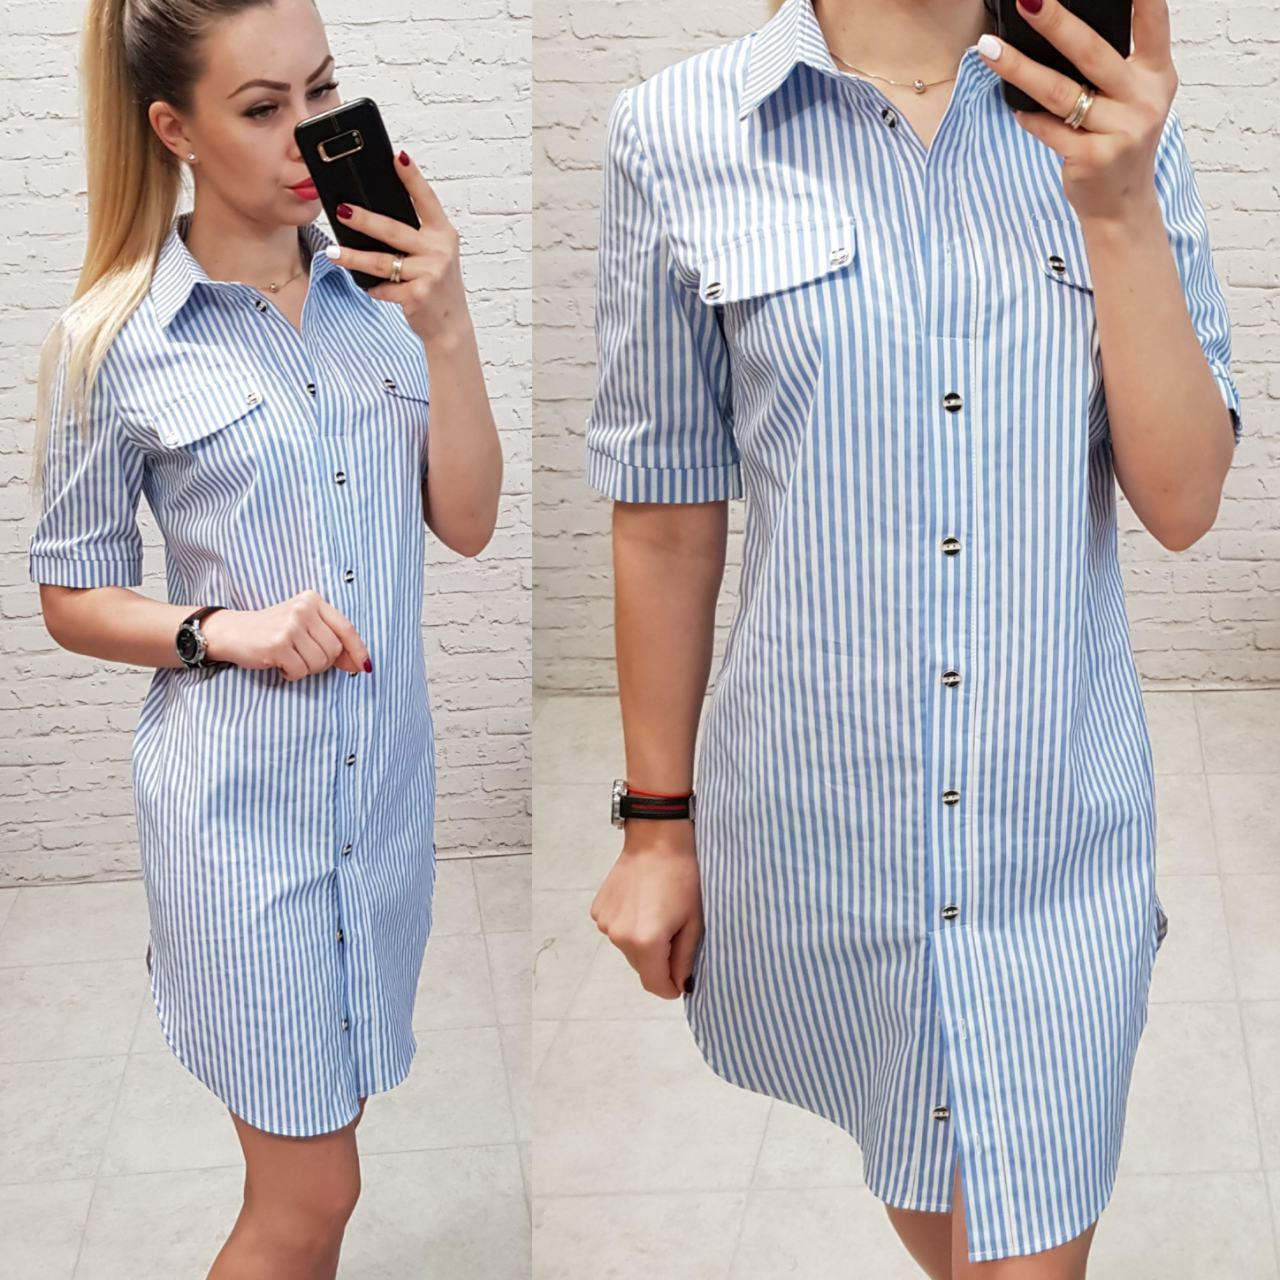 Платье-рубашка, модель 827, цвет - голубой, принт - полоска